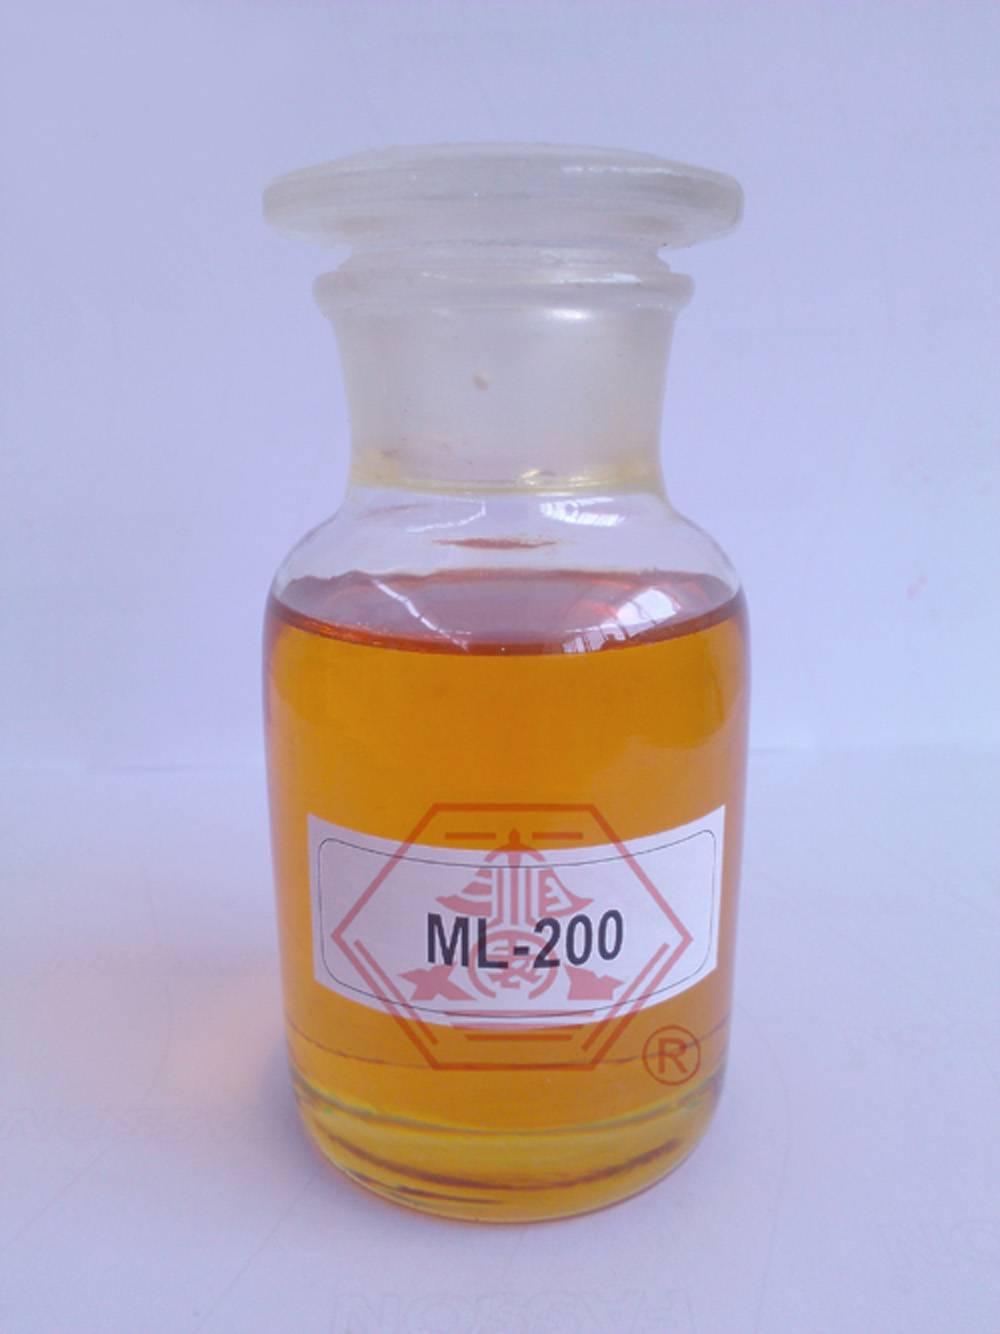 ML-200; CAS NO.: 55347-69-8